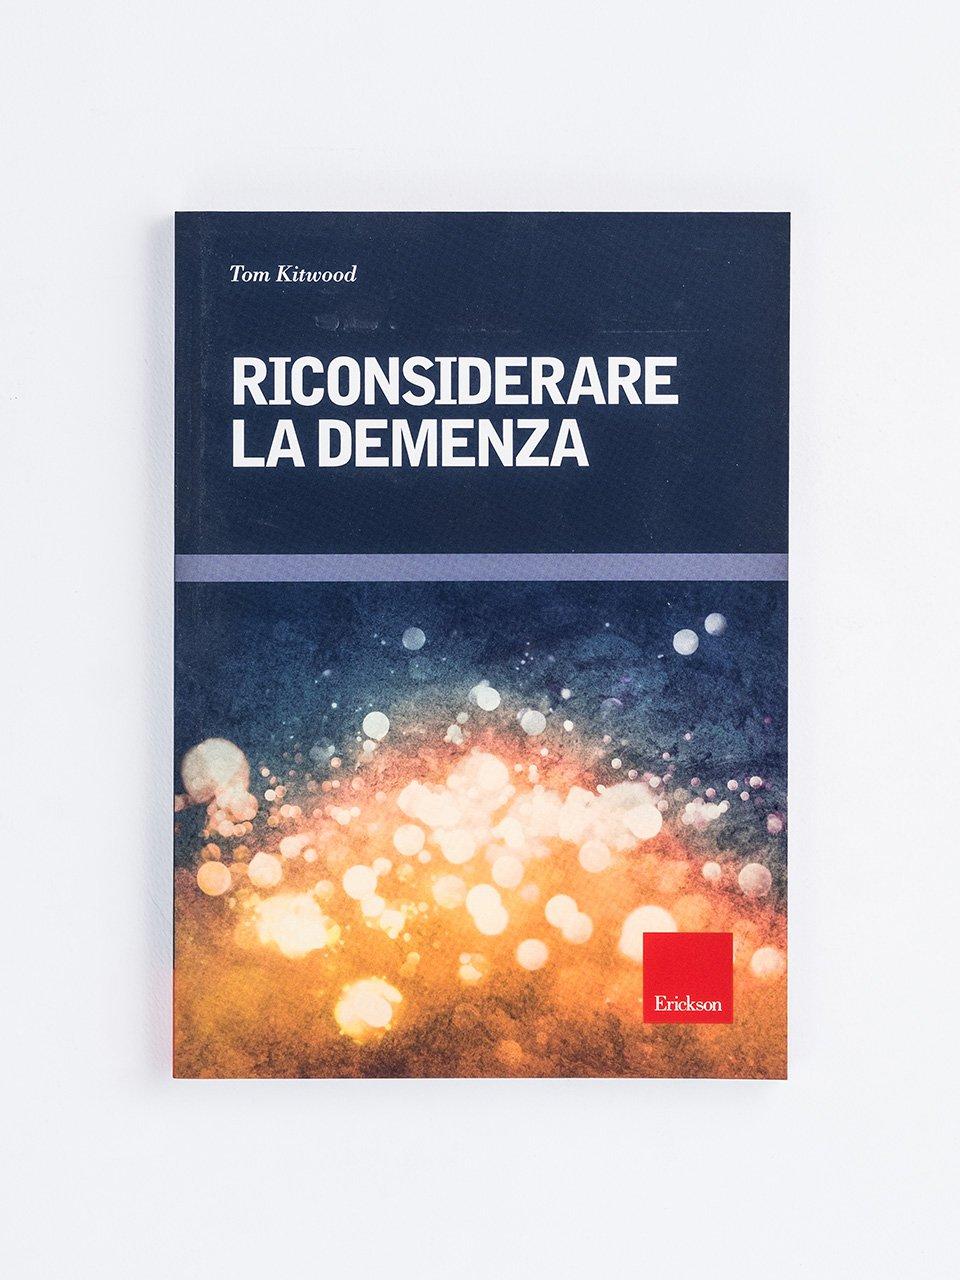 Riconsiderare la demenza - Lavoro sociale - Riviste - Erickson